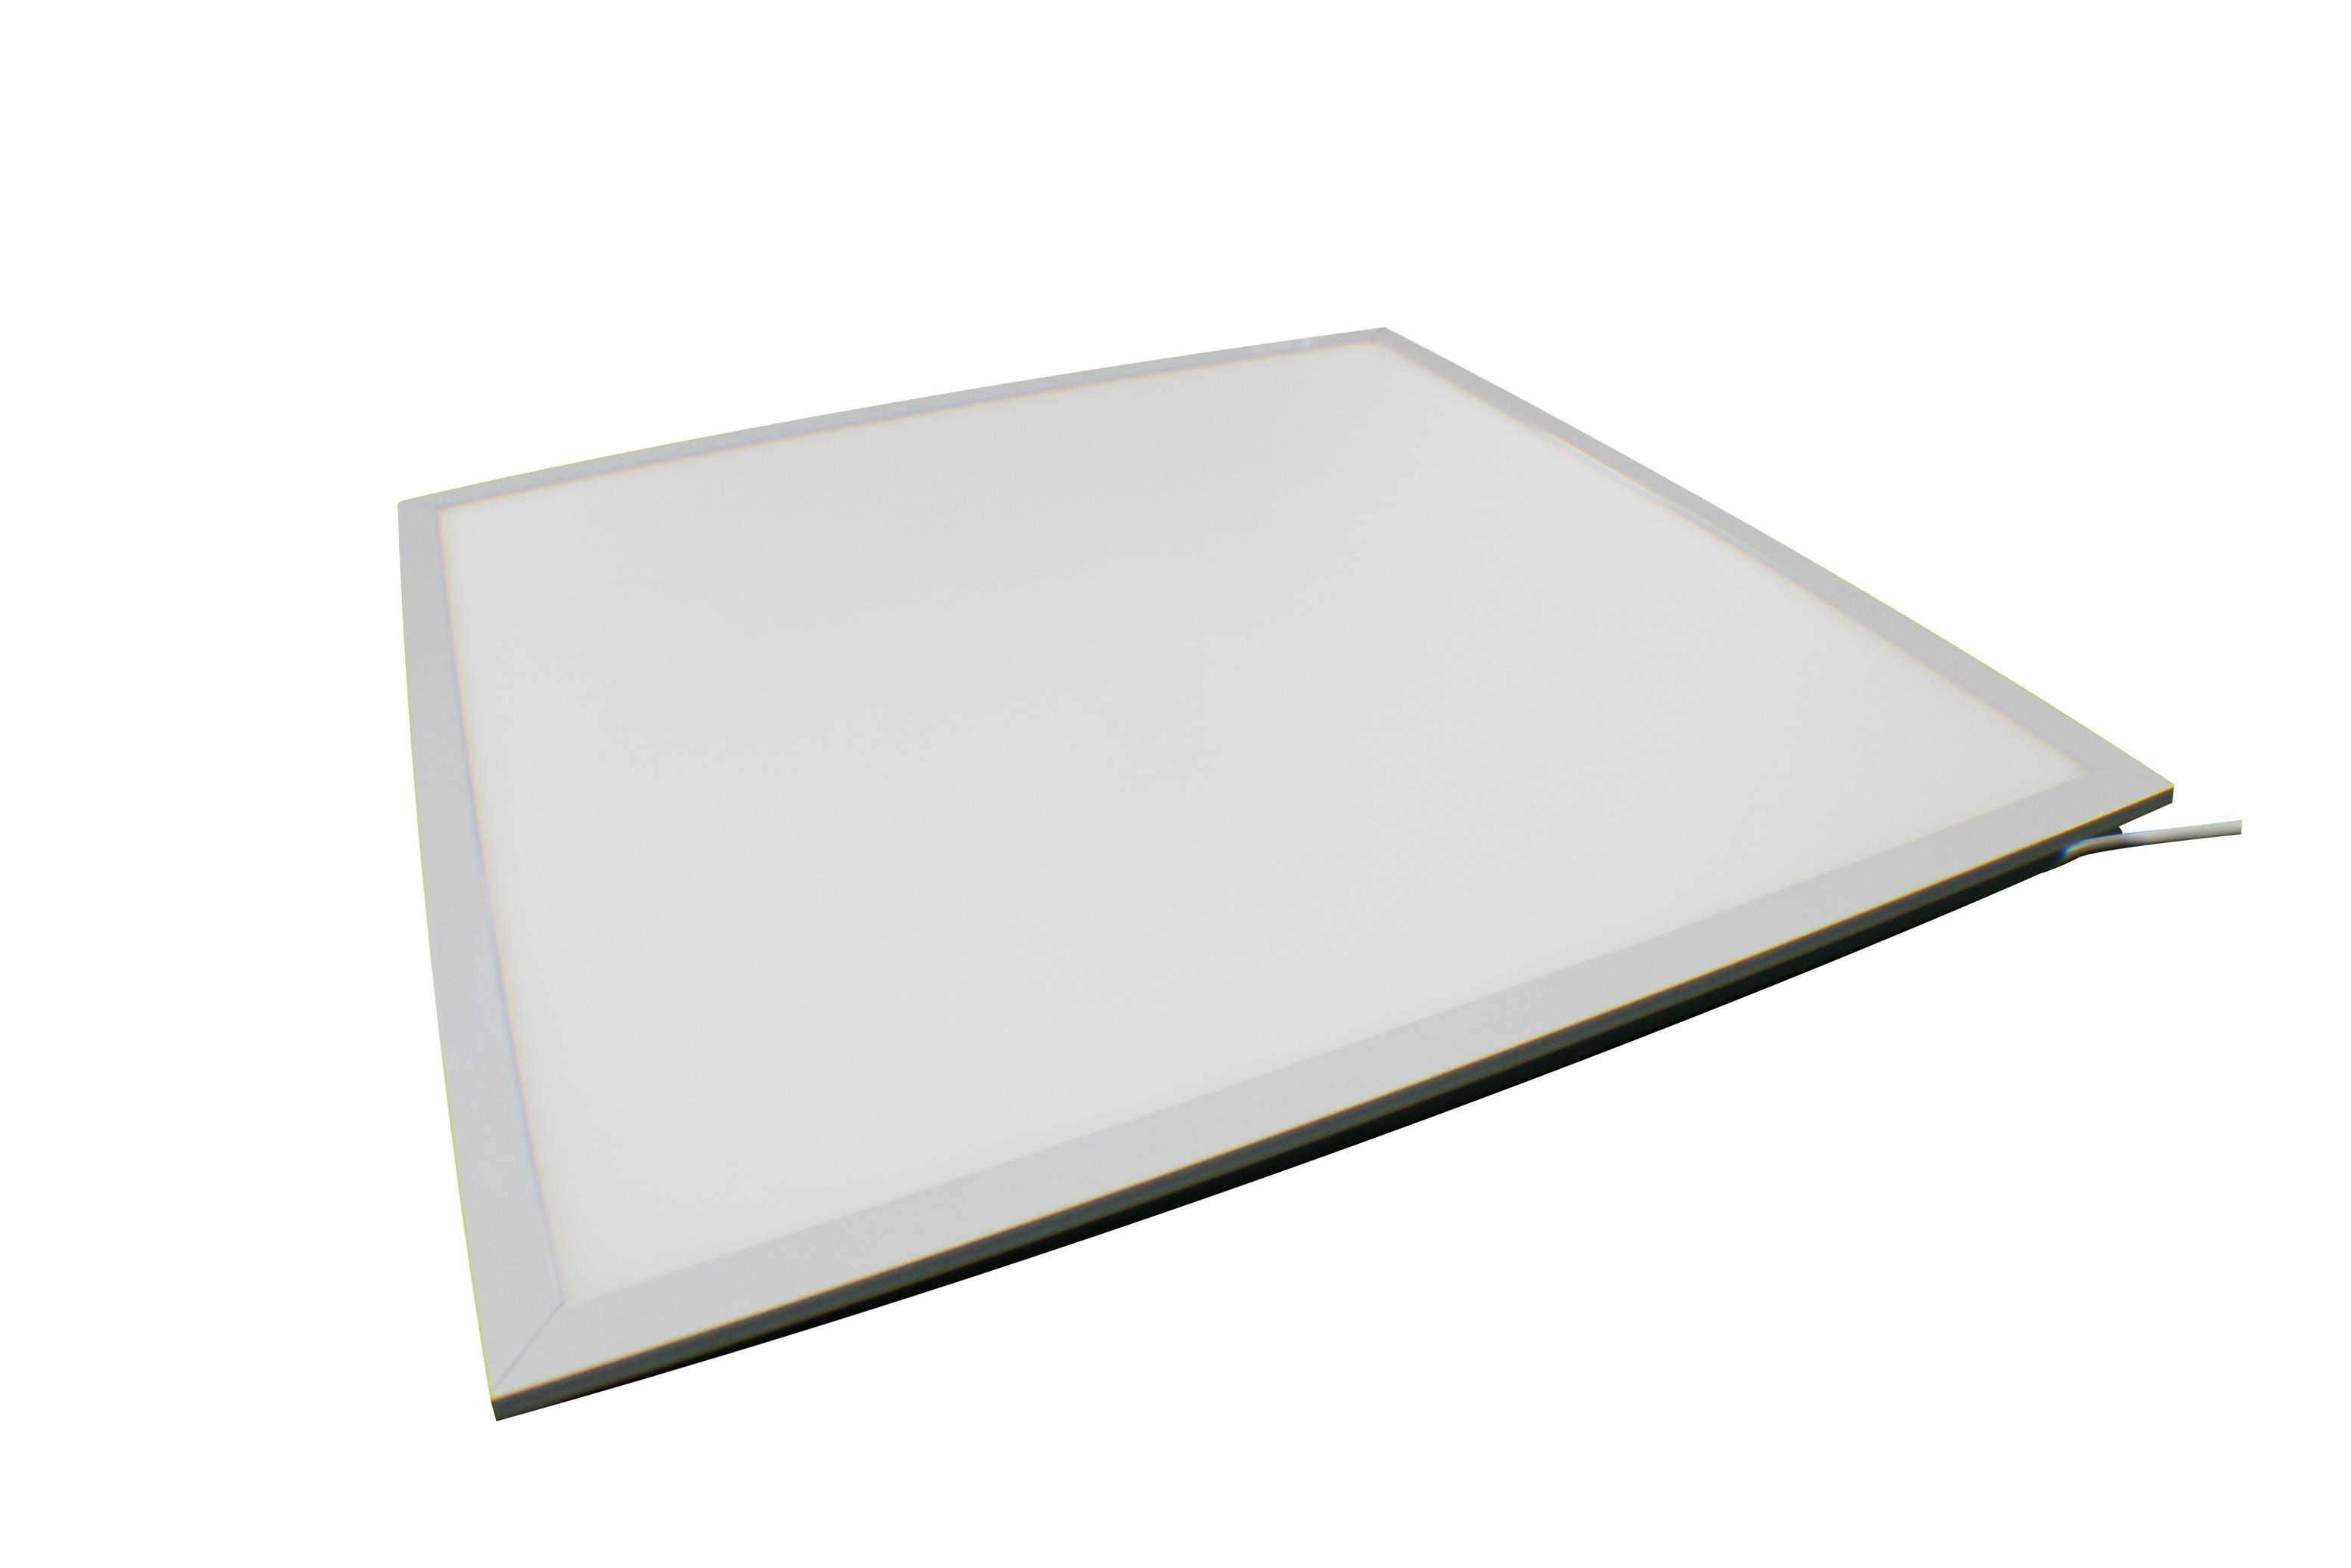 led panels uk led lighting. Black Bedroom Furniture Sets. Home Design Ideas